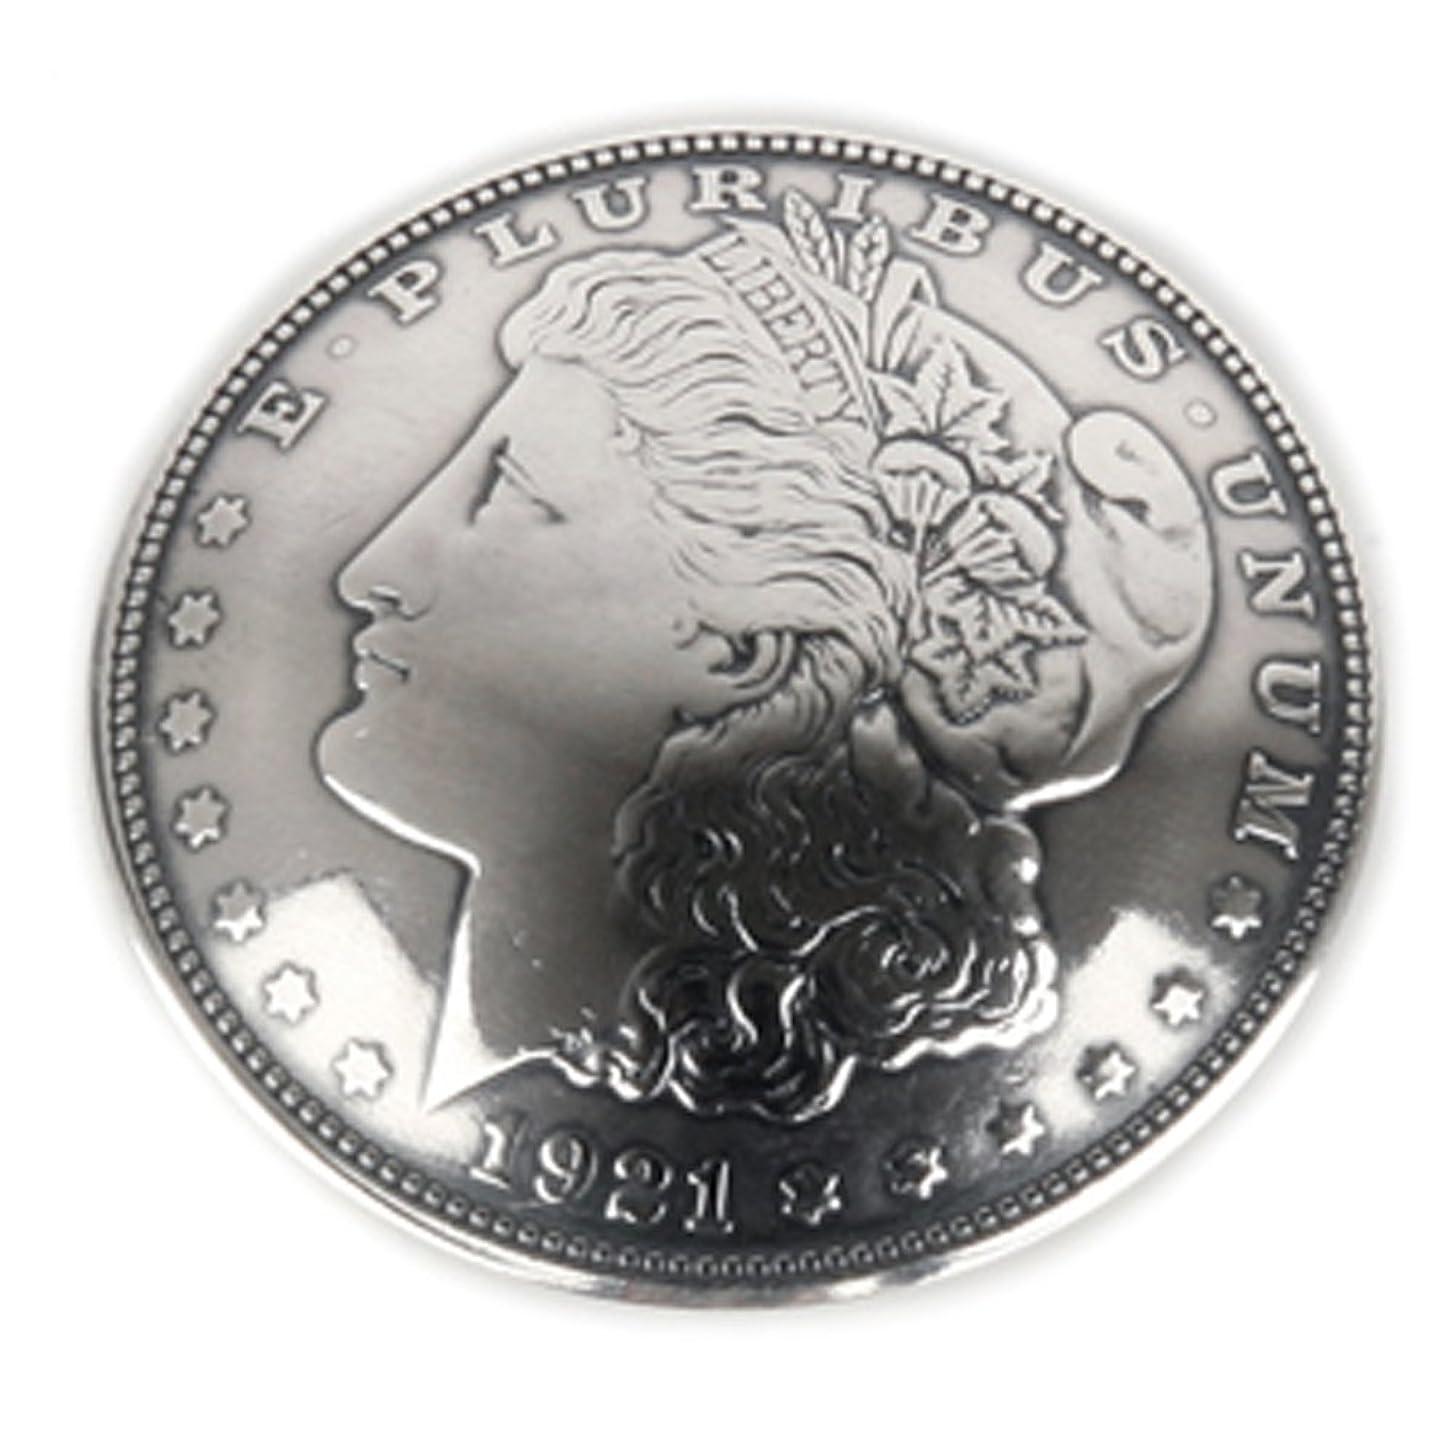 ずんぐりした静的北米オールドコイン 本物 シルバー パーツ カスタム : USAアンティーク 1ドルコンチョ【モルガン】